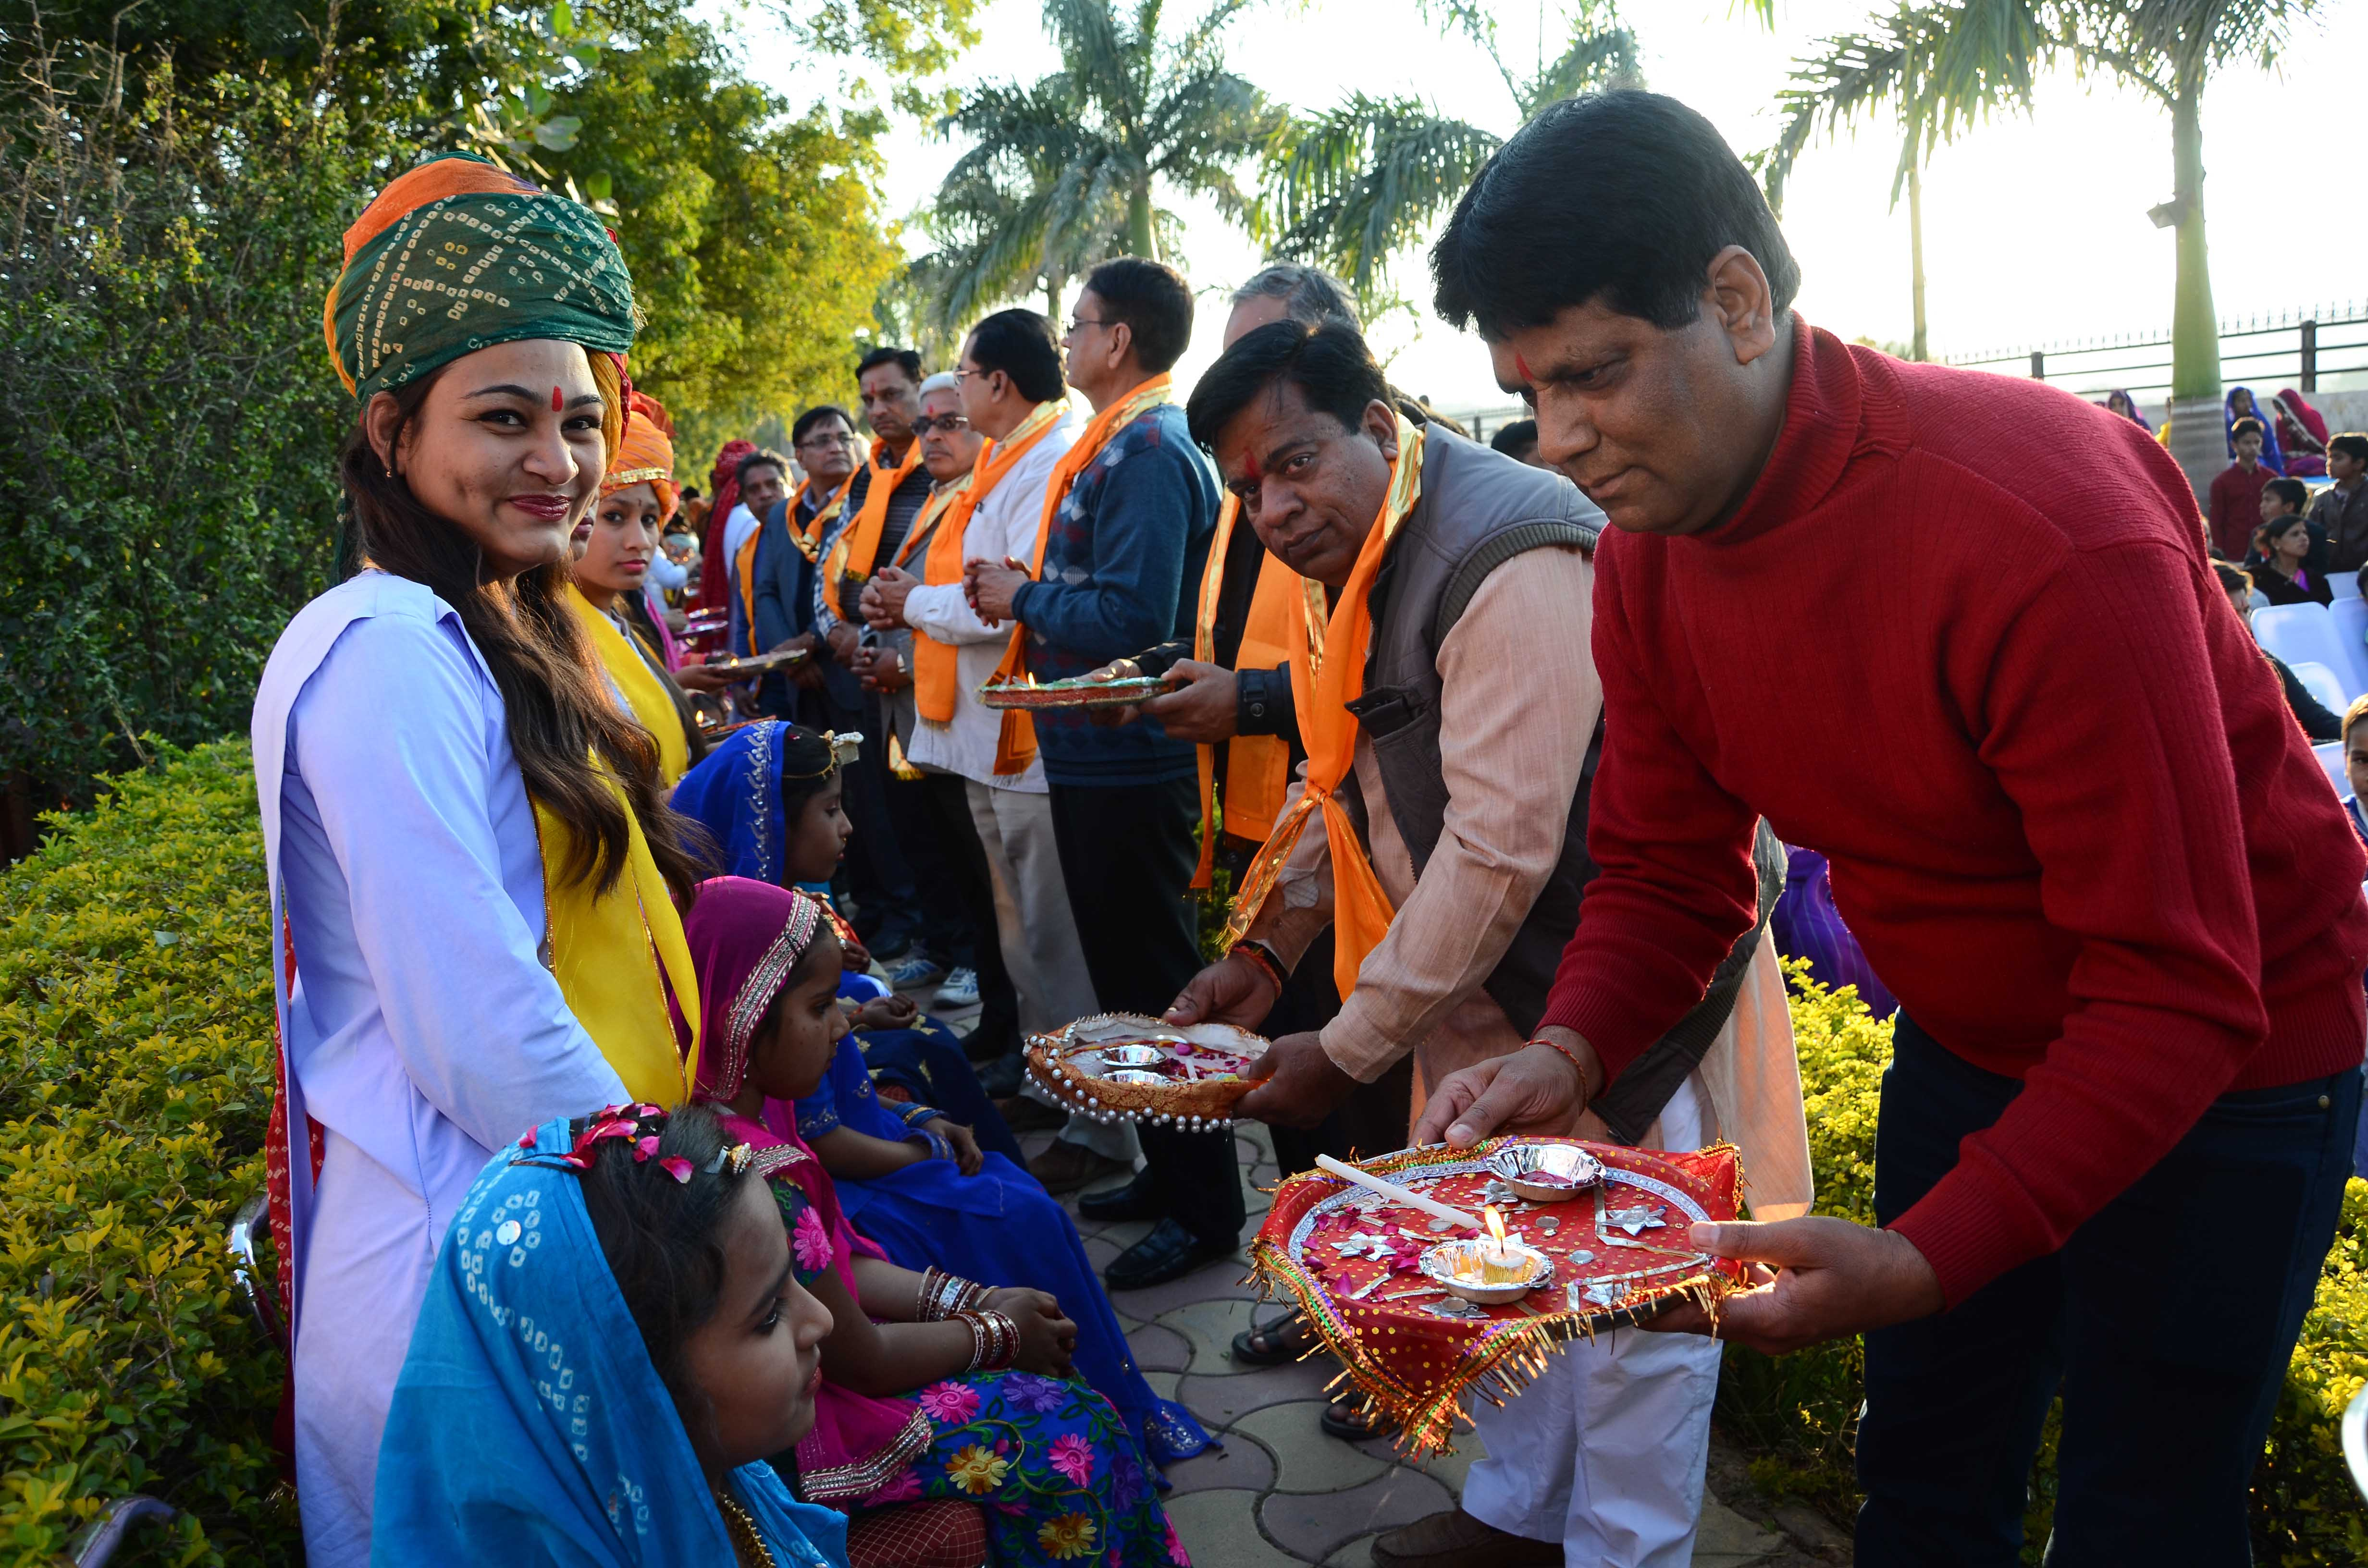 """राष्ट्रभारती एकेडमी द्वारा रविवार को आयोजित """" शारदे शत वंदन """" ( कन्या पूजन ) कार्यक्रम"""